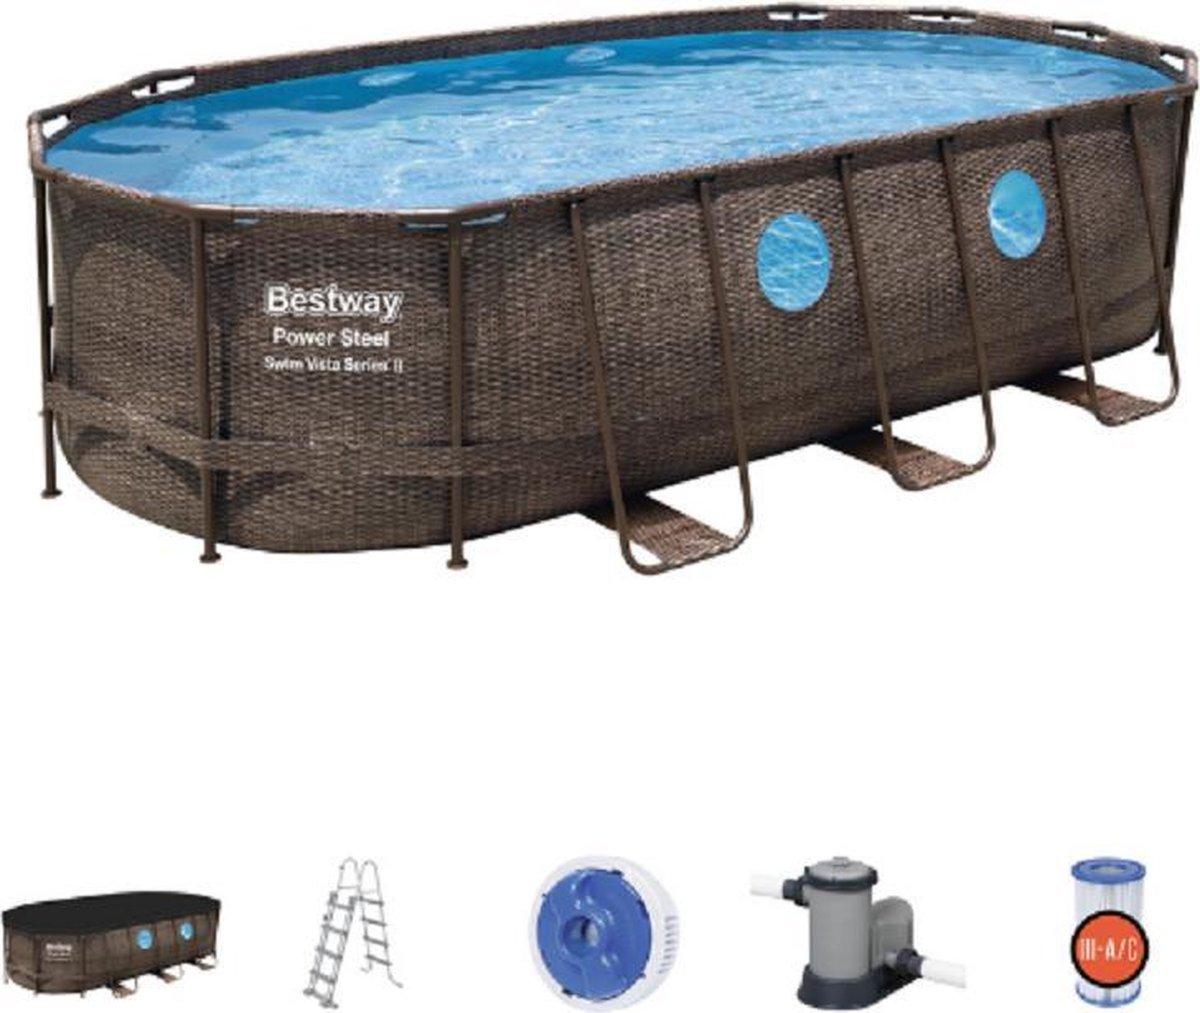 Bestway Oval Pool Zwembad 549 x 274 x 122m - incl filterpomp Rattan